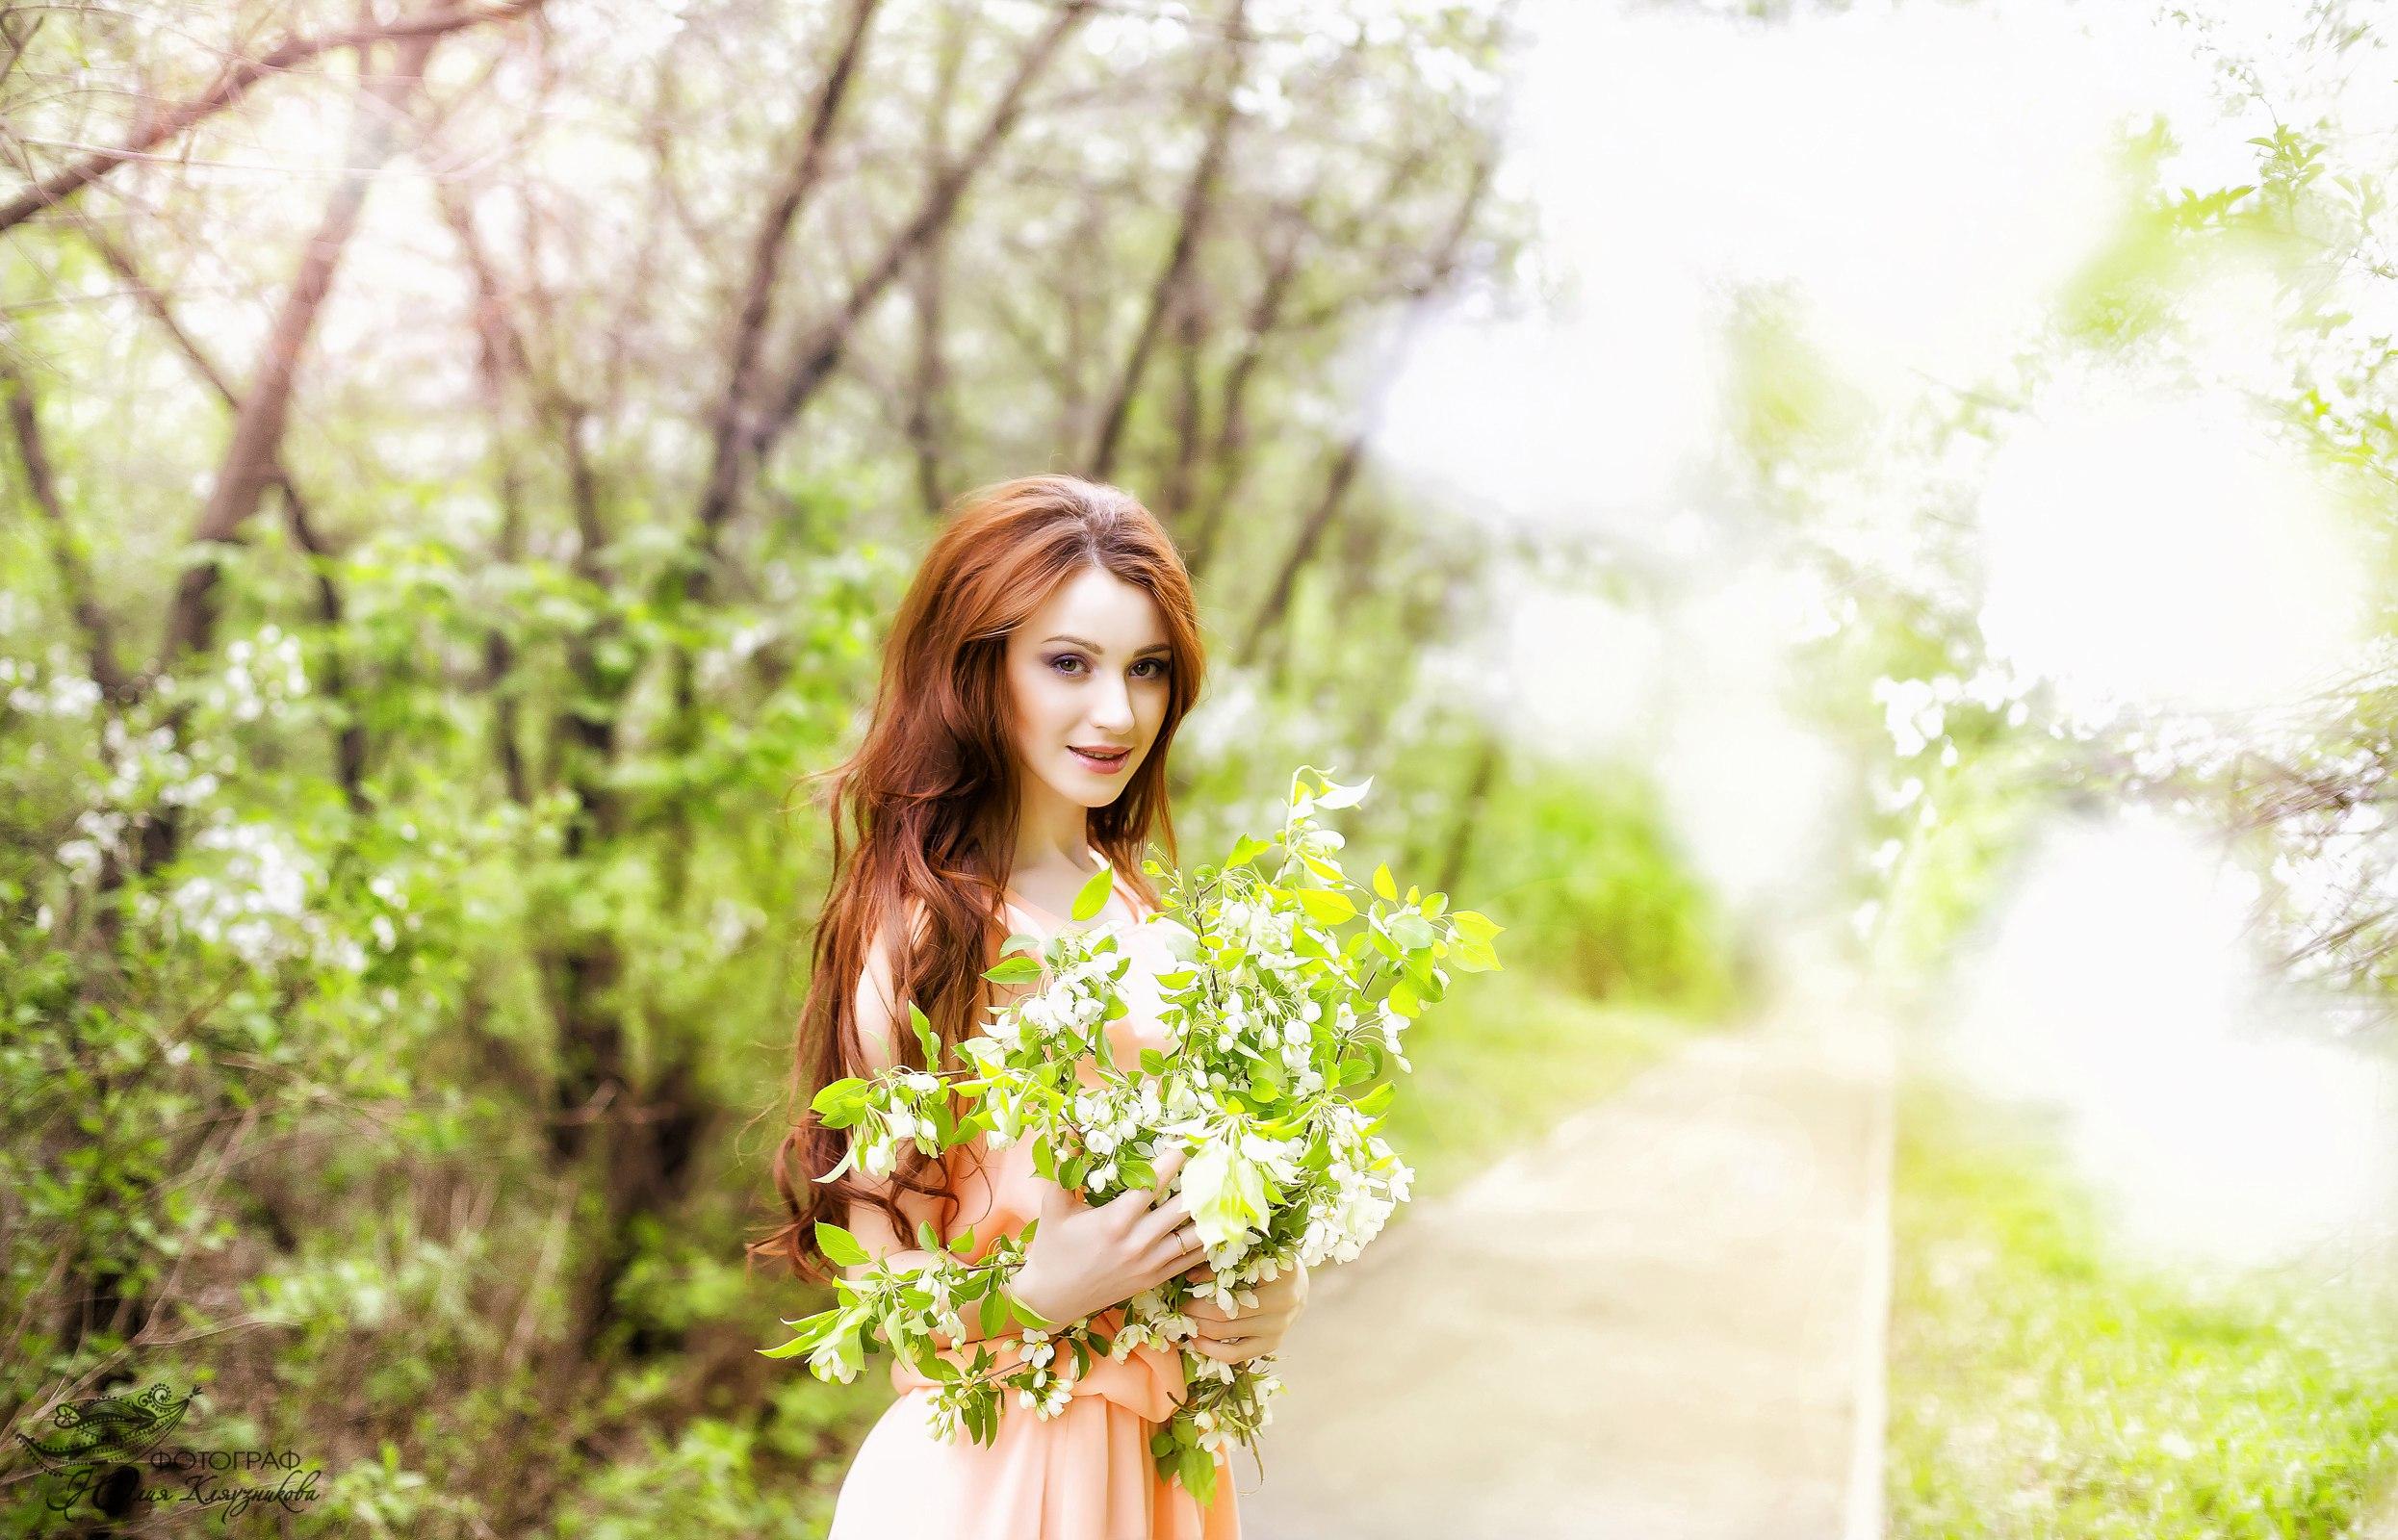 фотосессия в цветущем саду с книгой дарует долгую счастливую